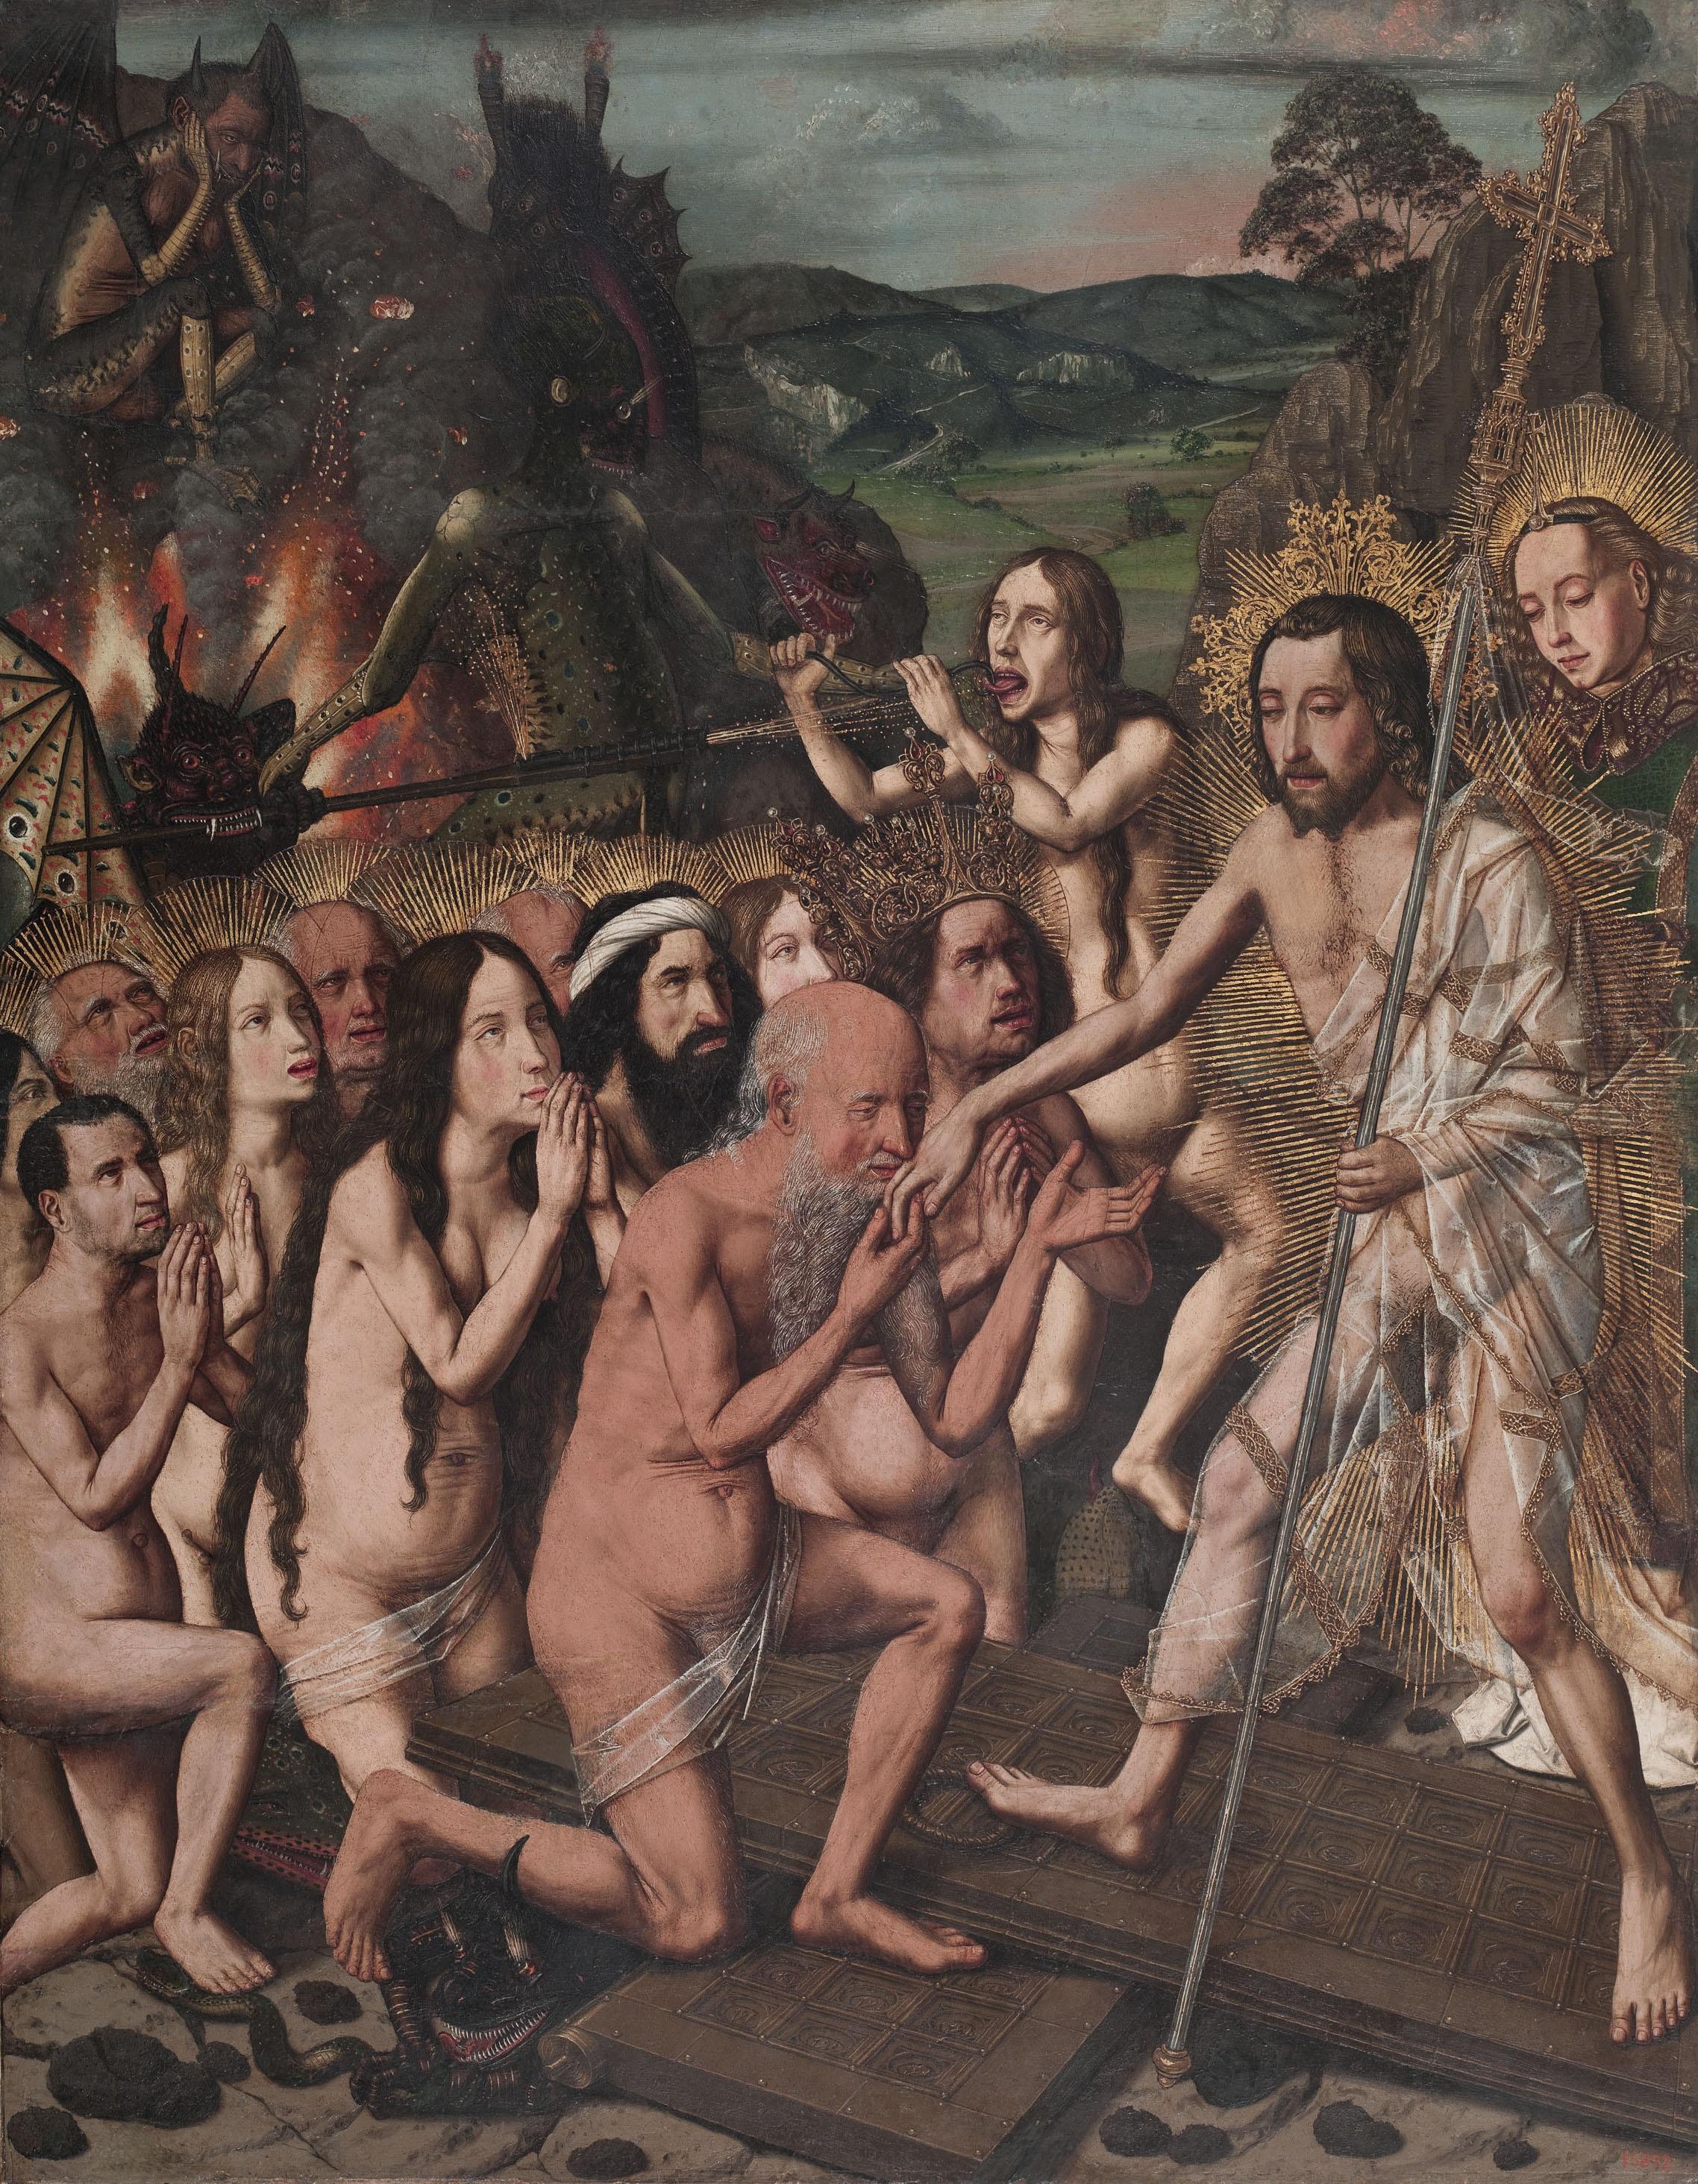 Davallament de Crist als Llimbs, Bartolomé Bermejo, cap a 1475